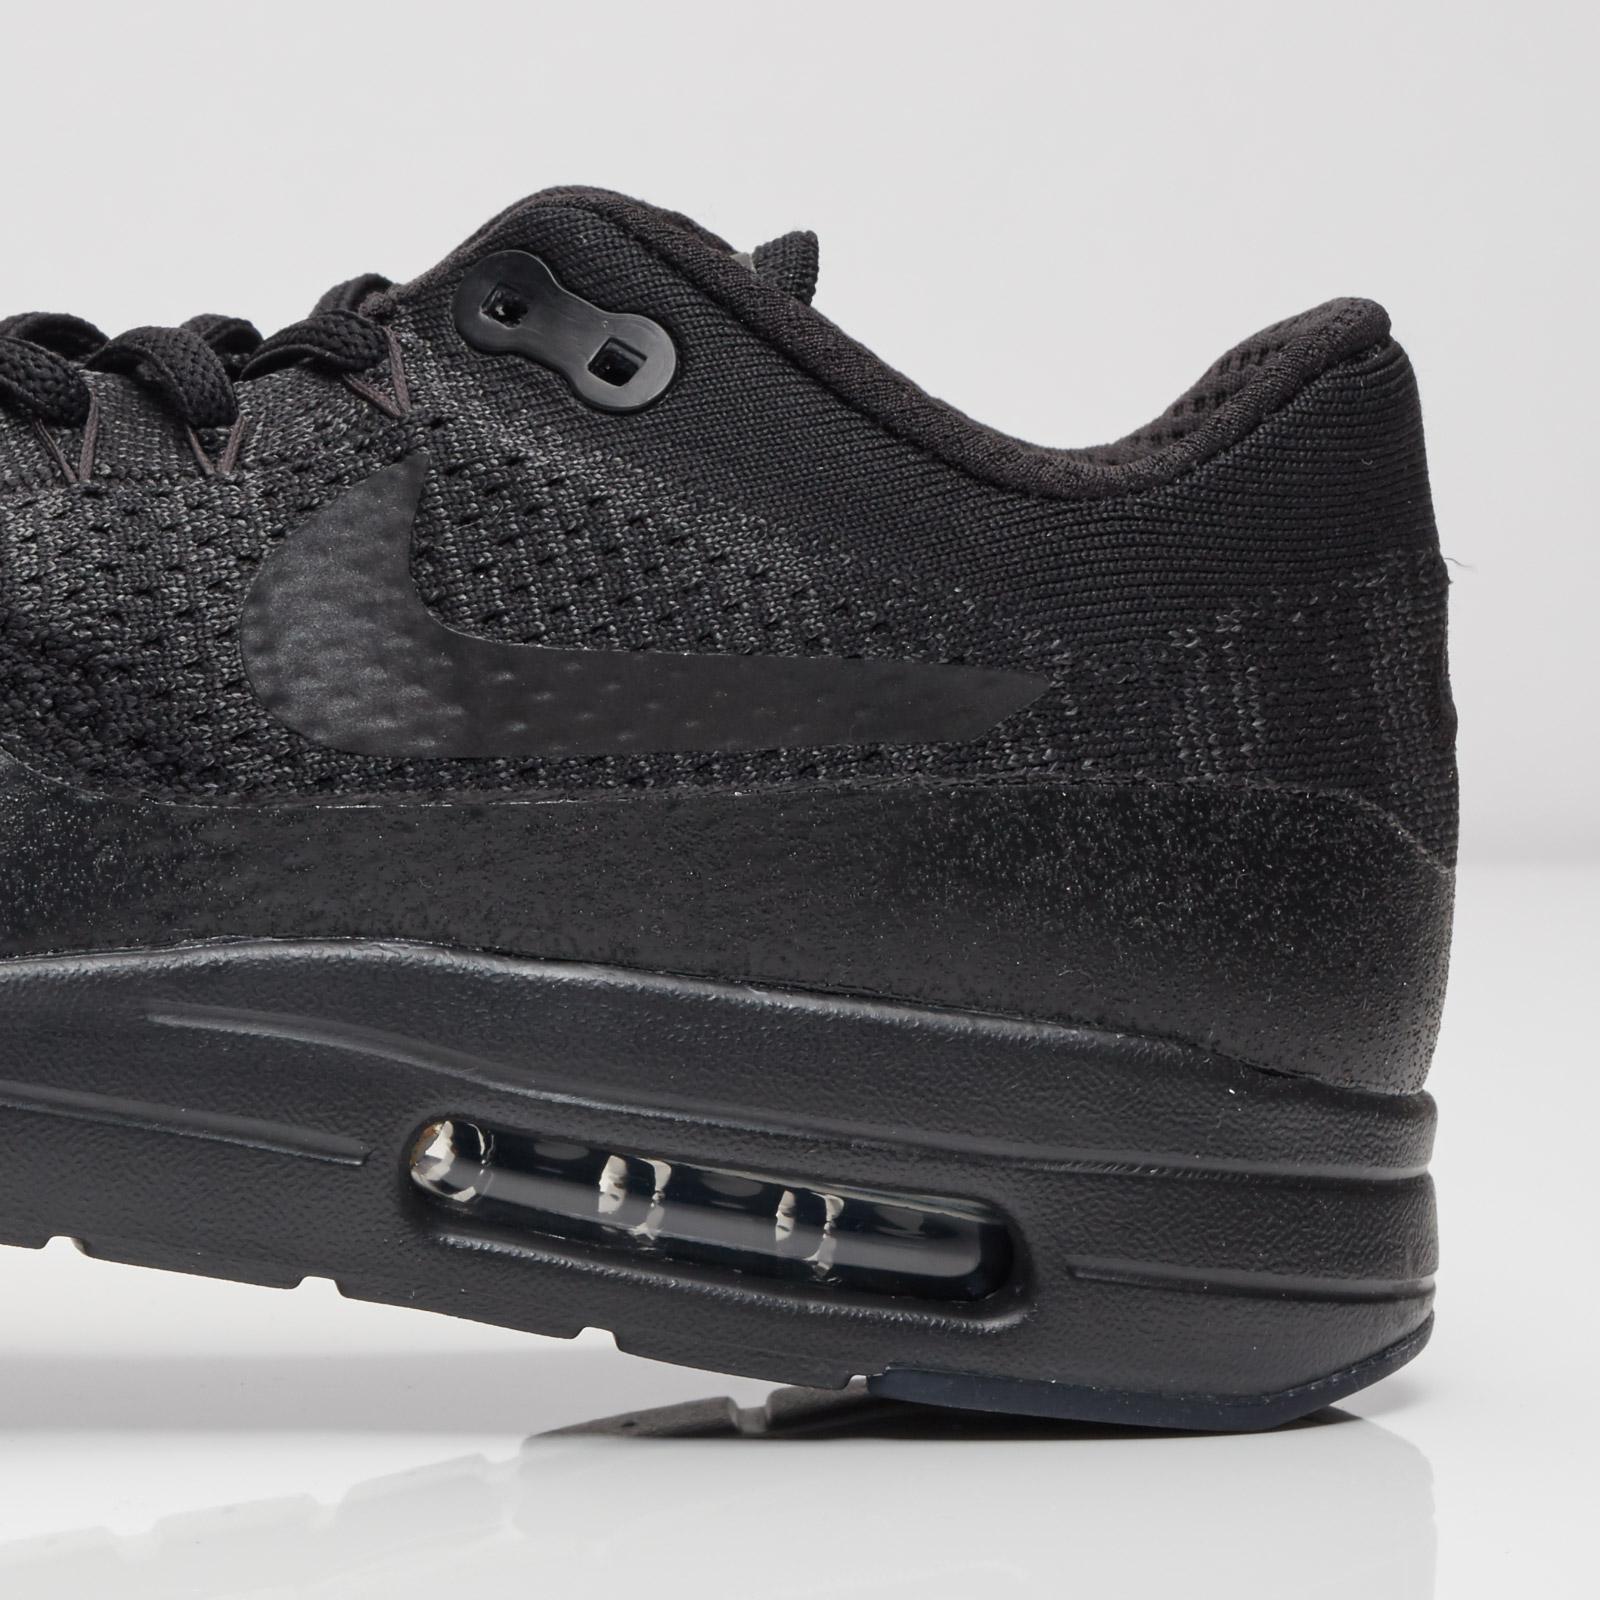 b2104d3e4f5 Nike Air Max 1 Ultra Flyknit - 856958-001 - Sneakersnstuff ...